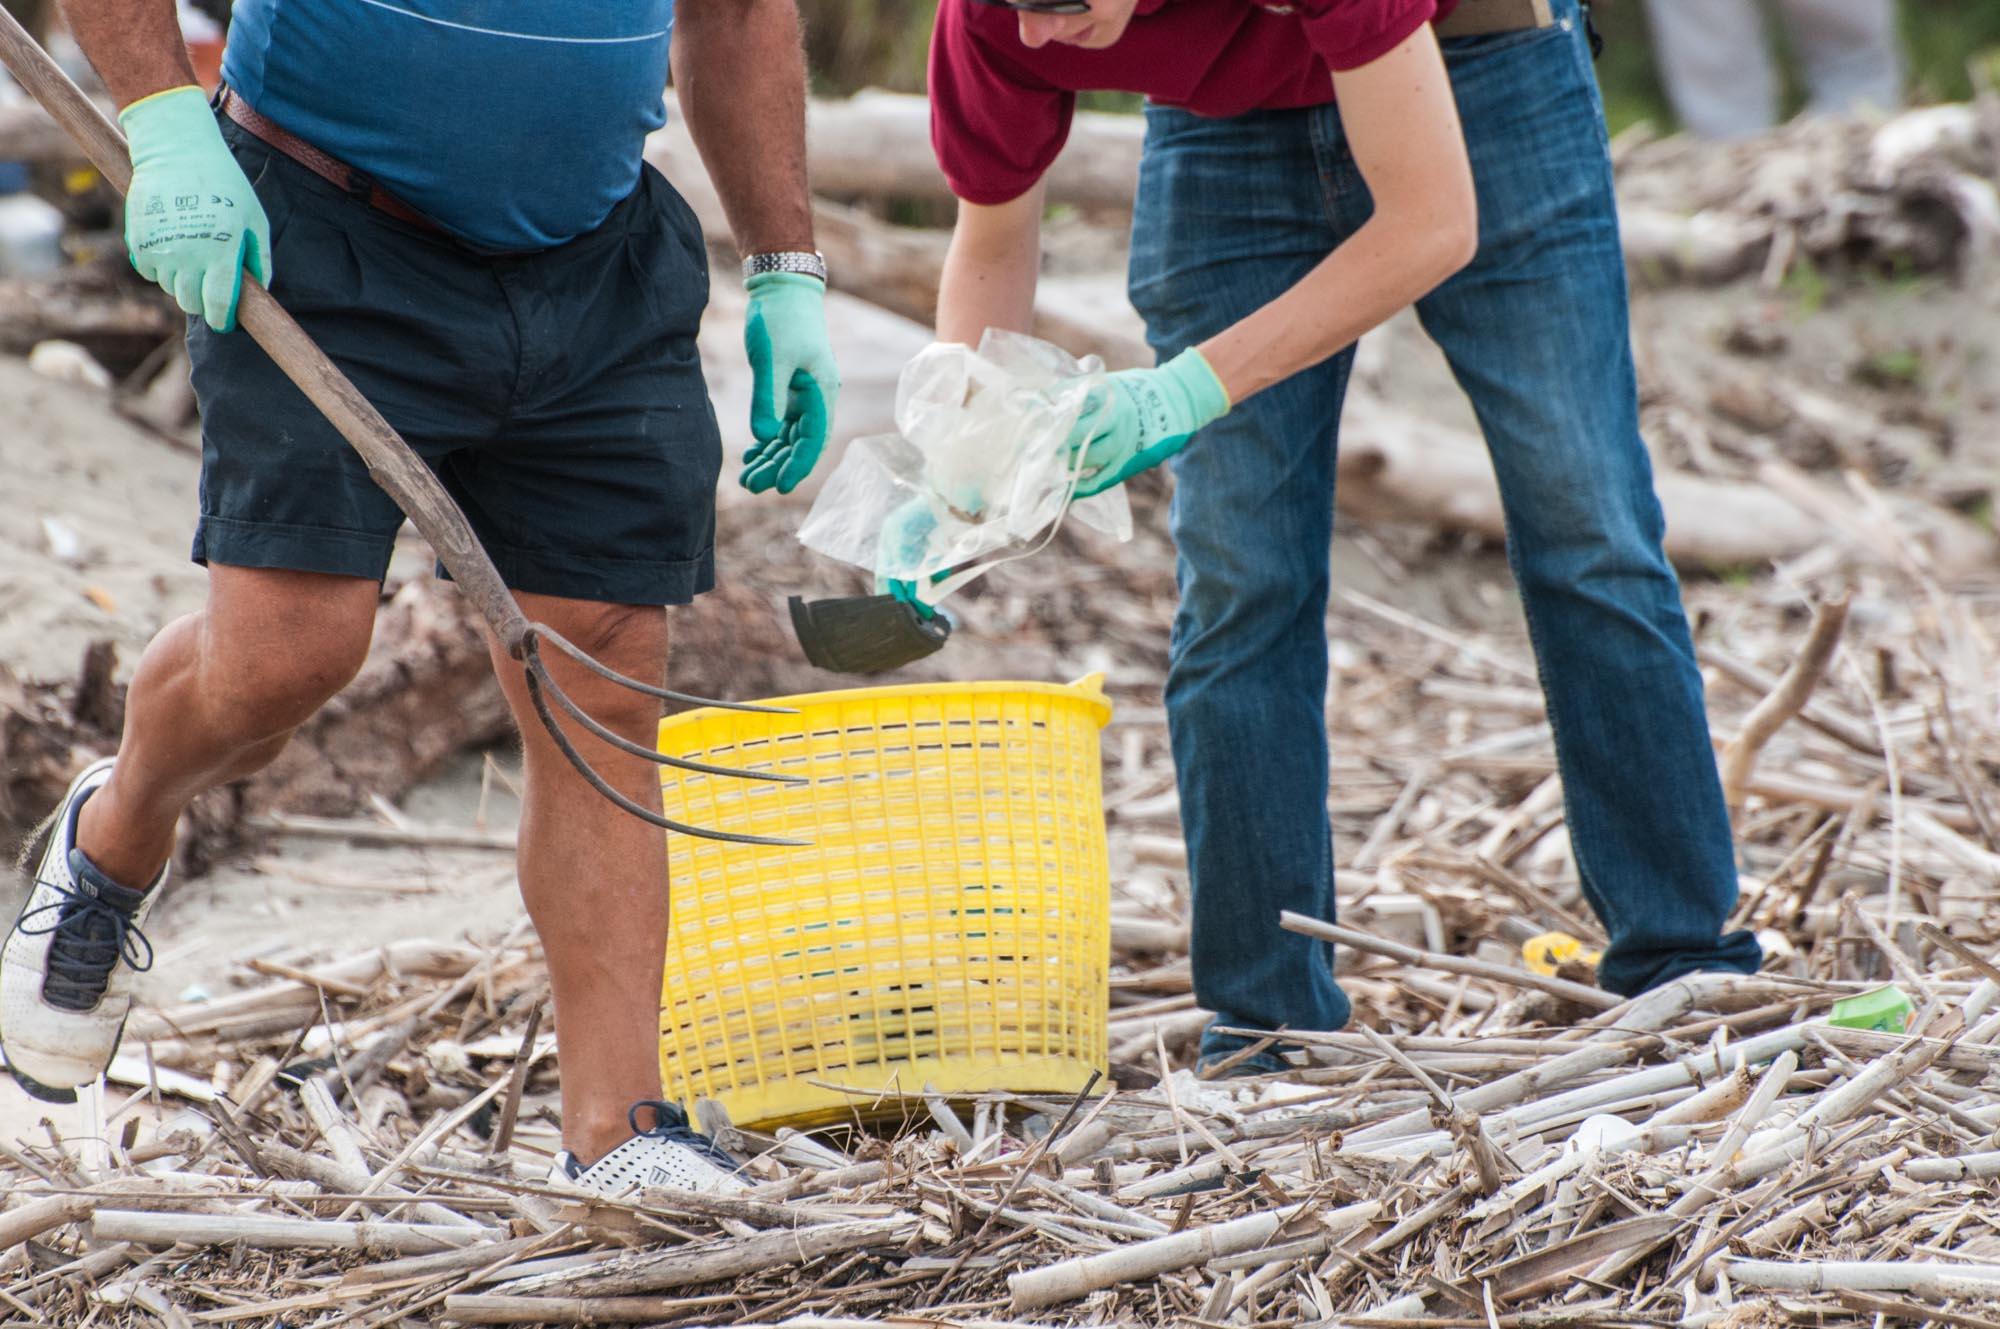 0043 Volontari per la pulizia delle spiagge - Spiagge pulite